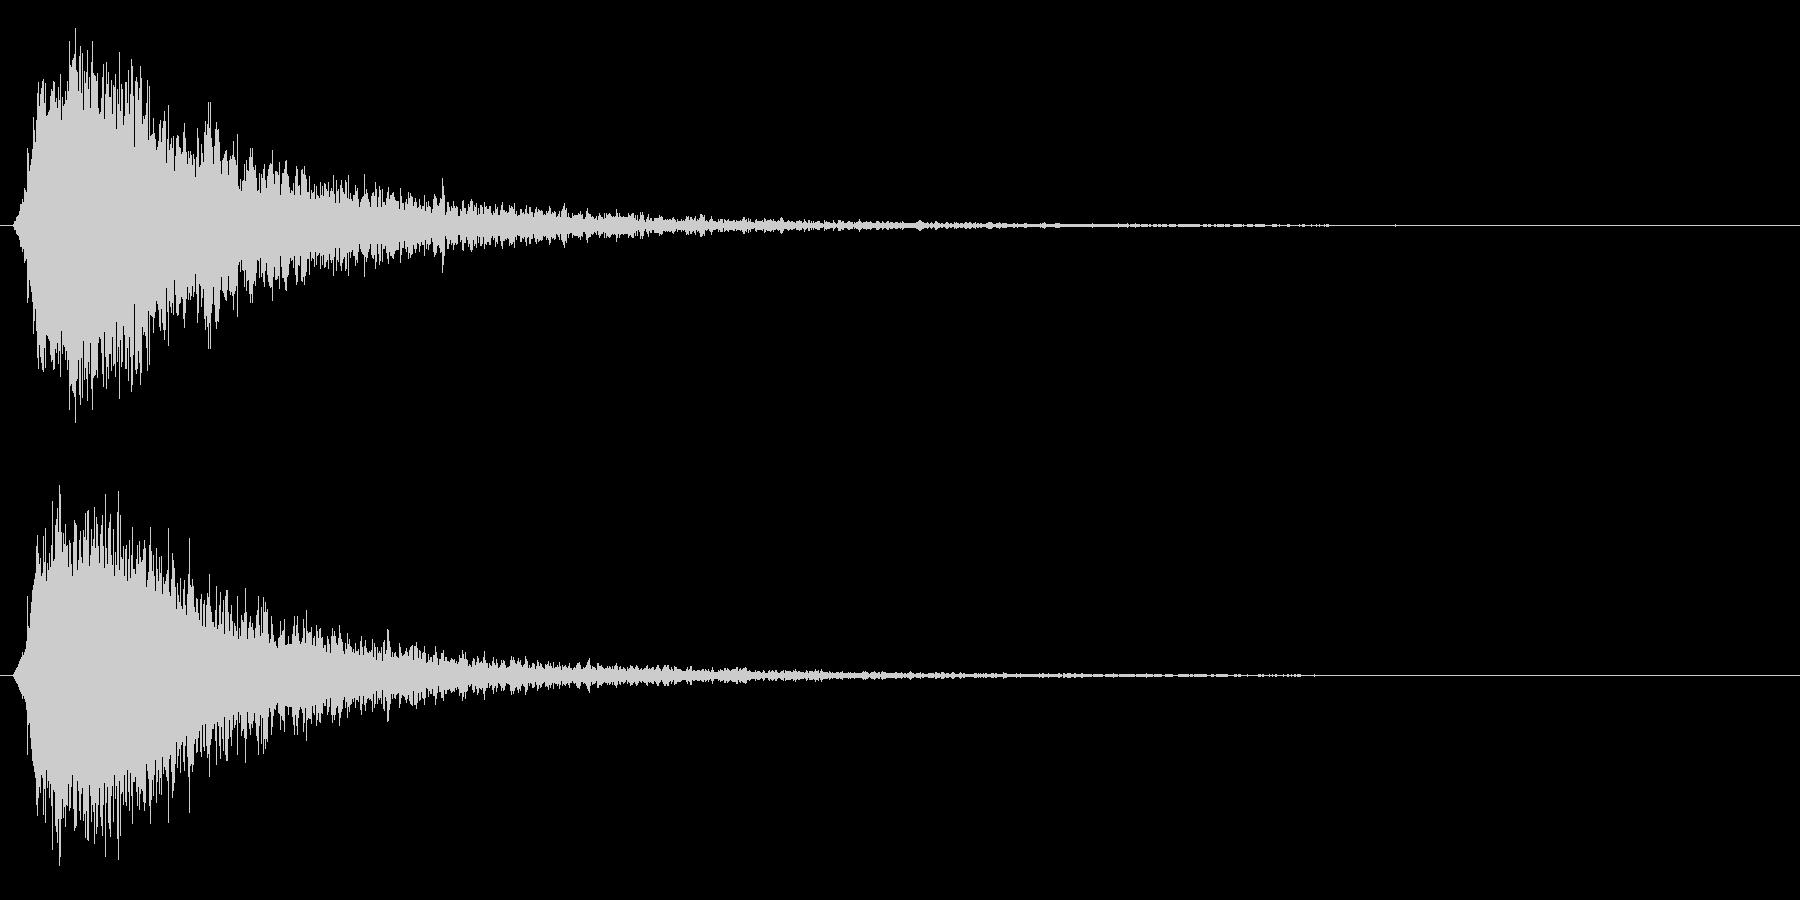 シャキーン!強烈なインパクト効果音3CVの未再生の波形